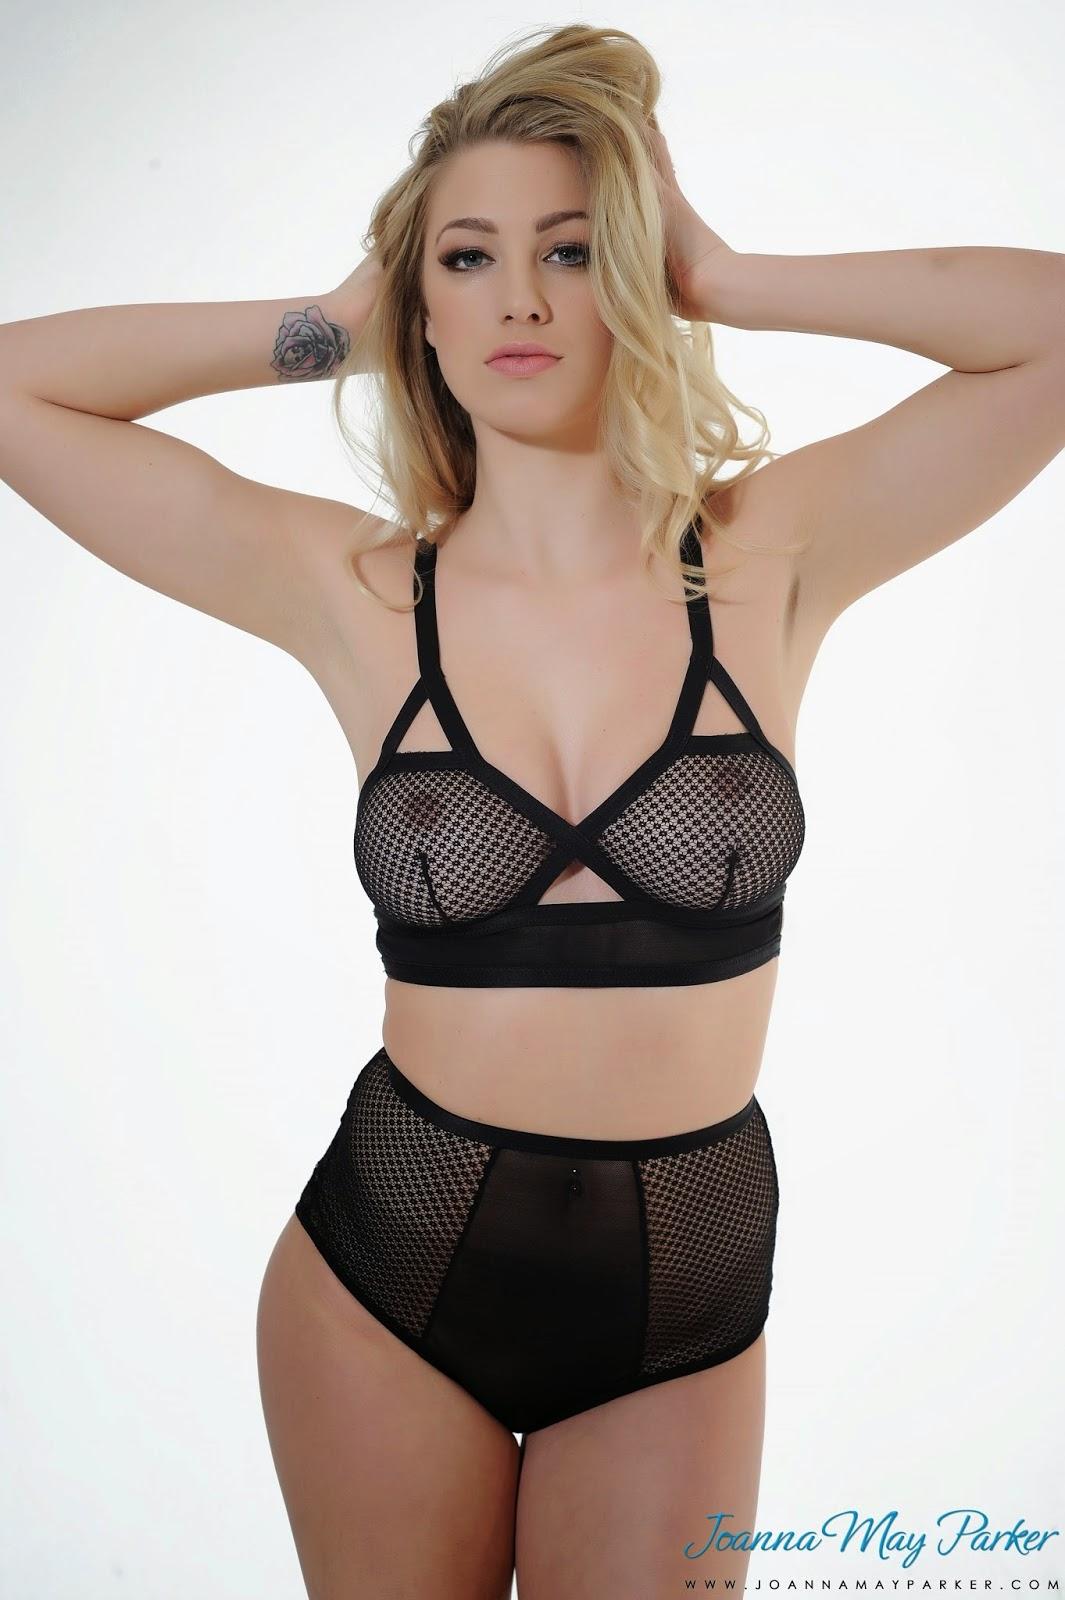 Joanna May Parker Nude Photos 84